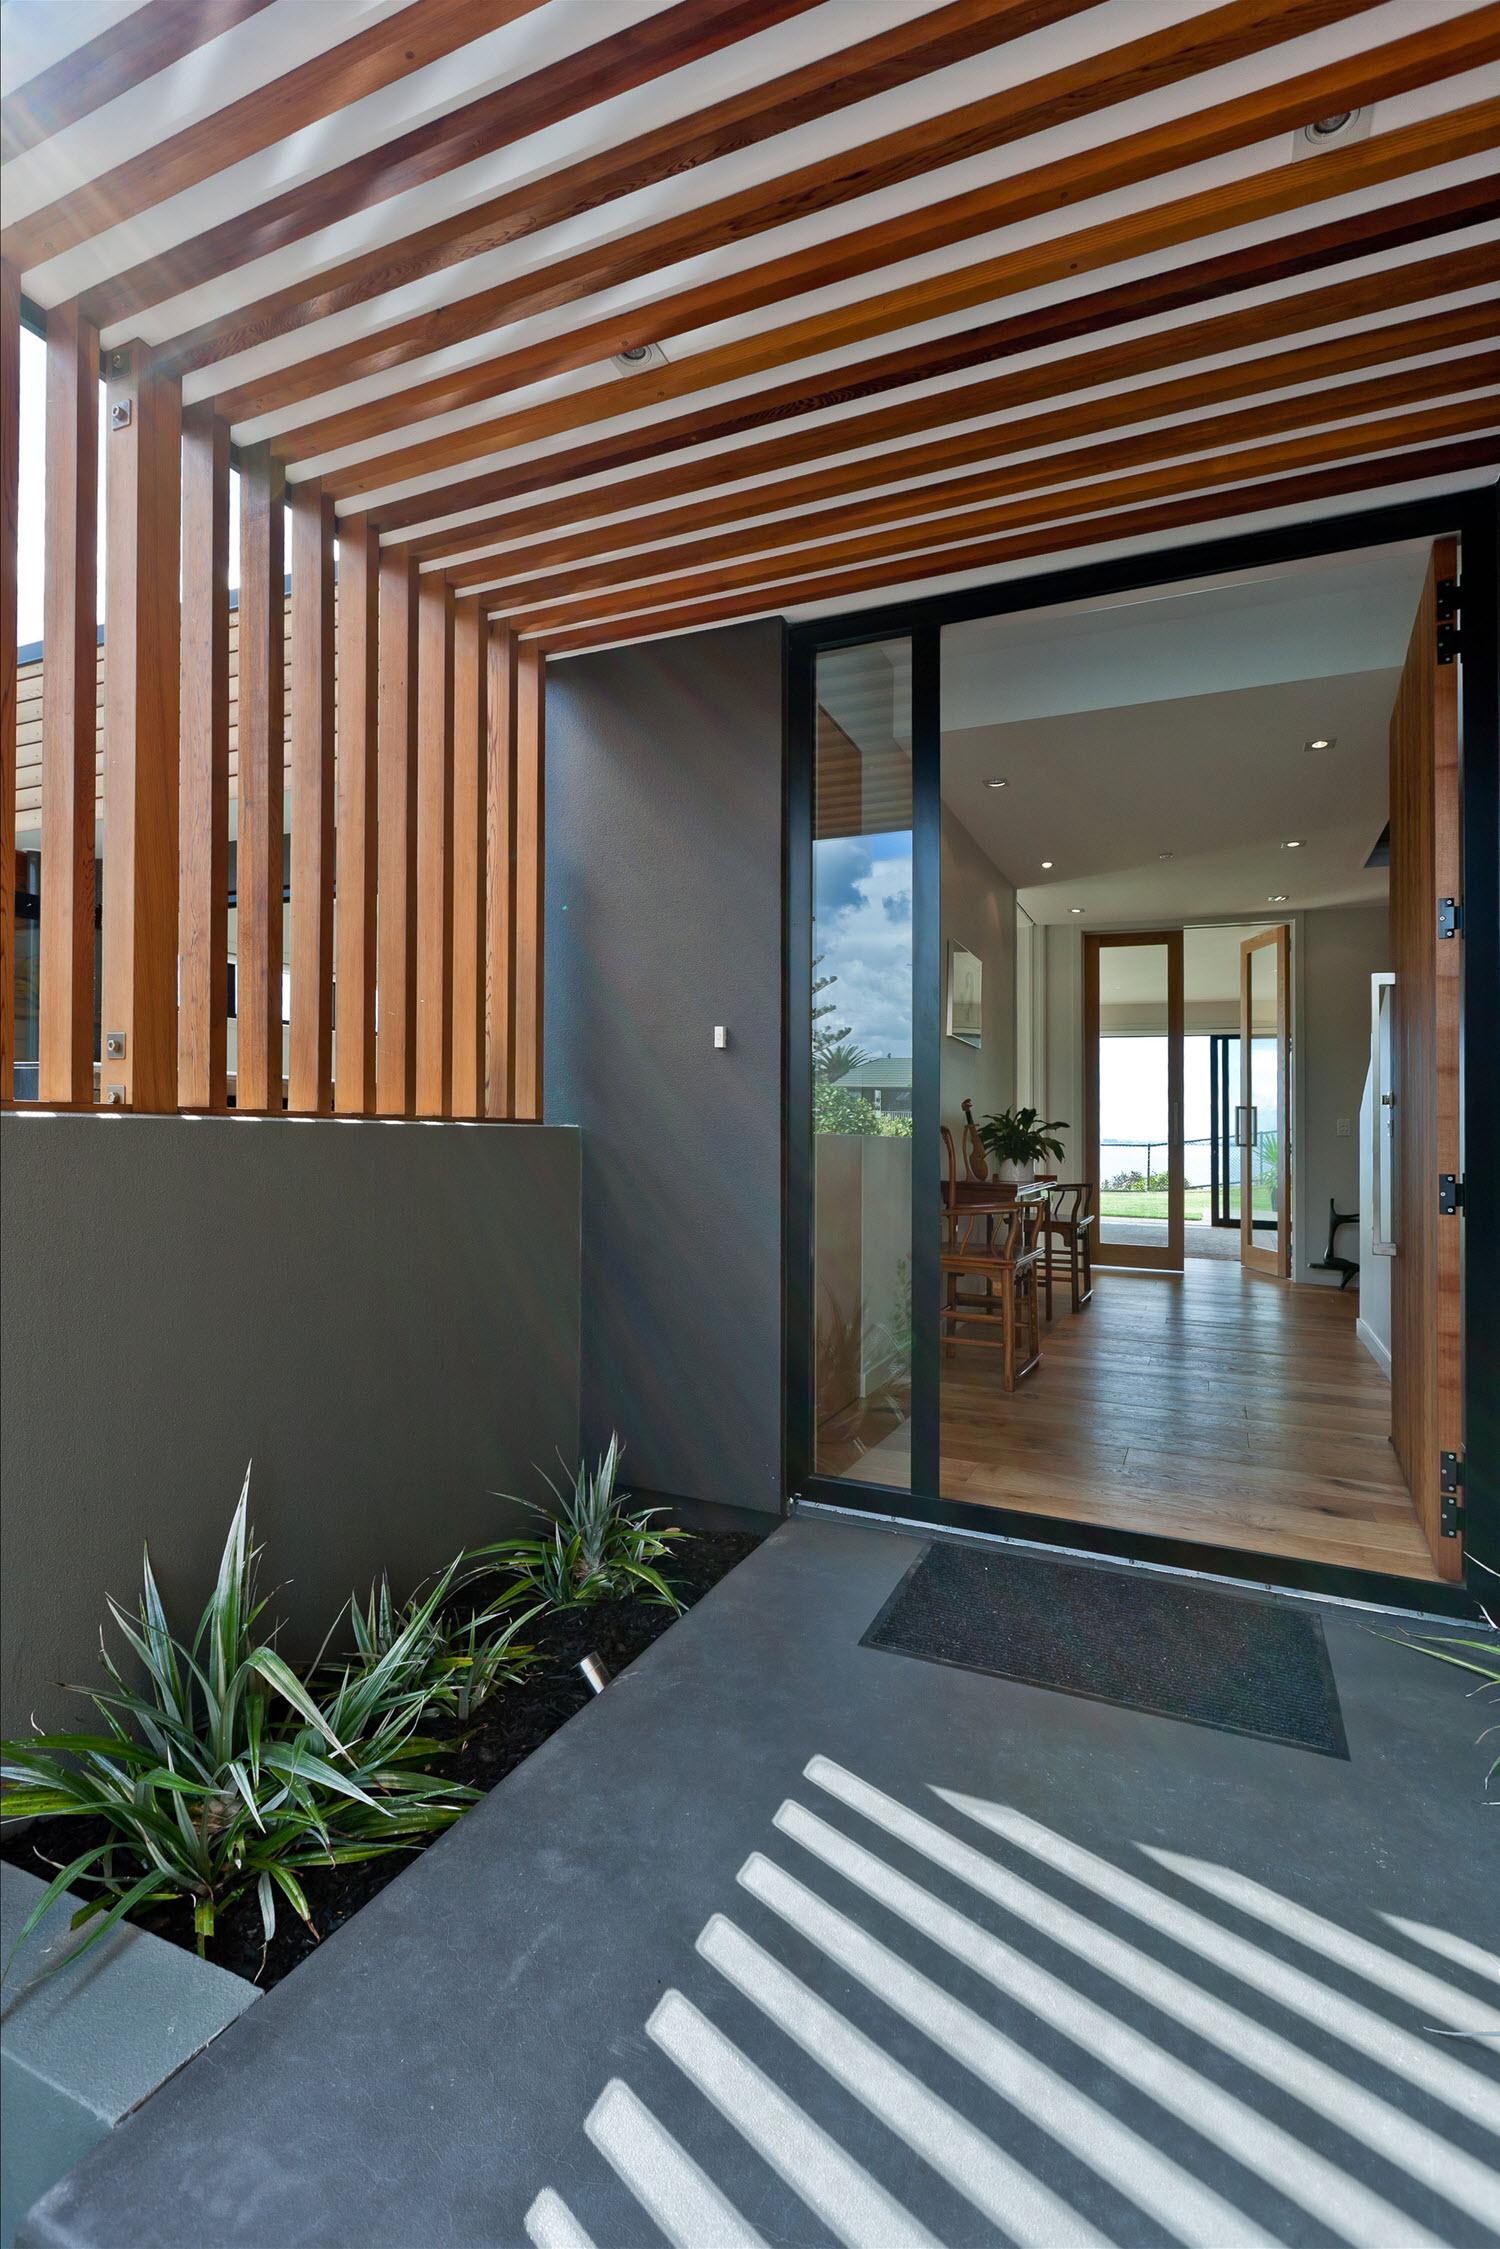 Dise o casa moderna dos piso madera metal construye hogar for Casas modernas recorrido virtual